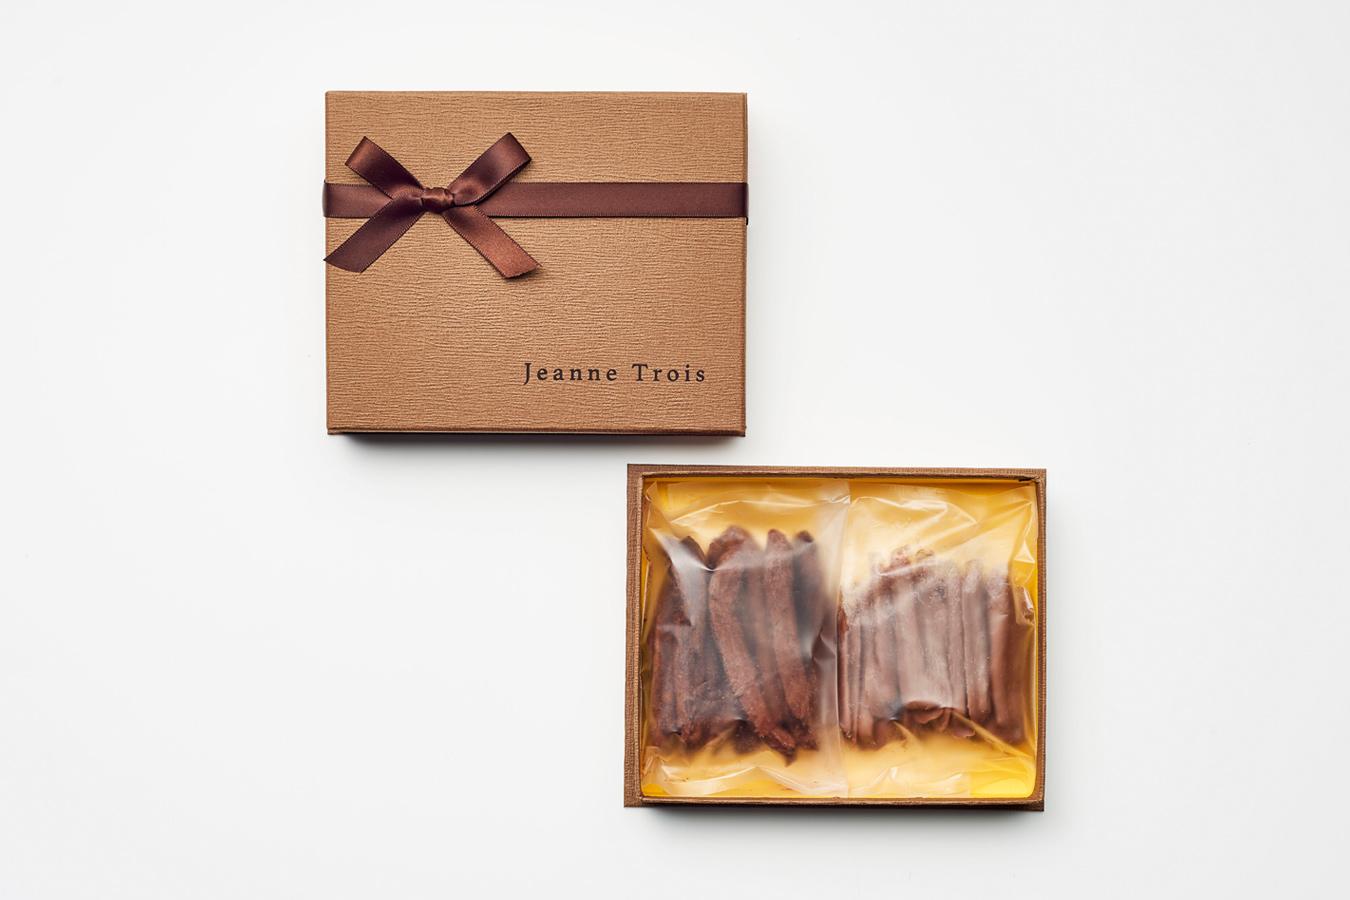 ジャンヌ&サブリナ 2(ジャンヌ90g×1袋 サブリナ90g×1袋)